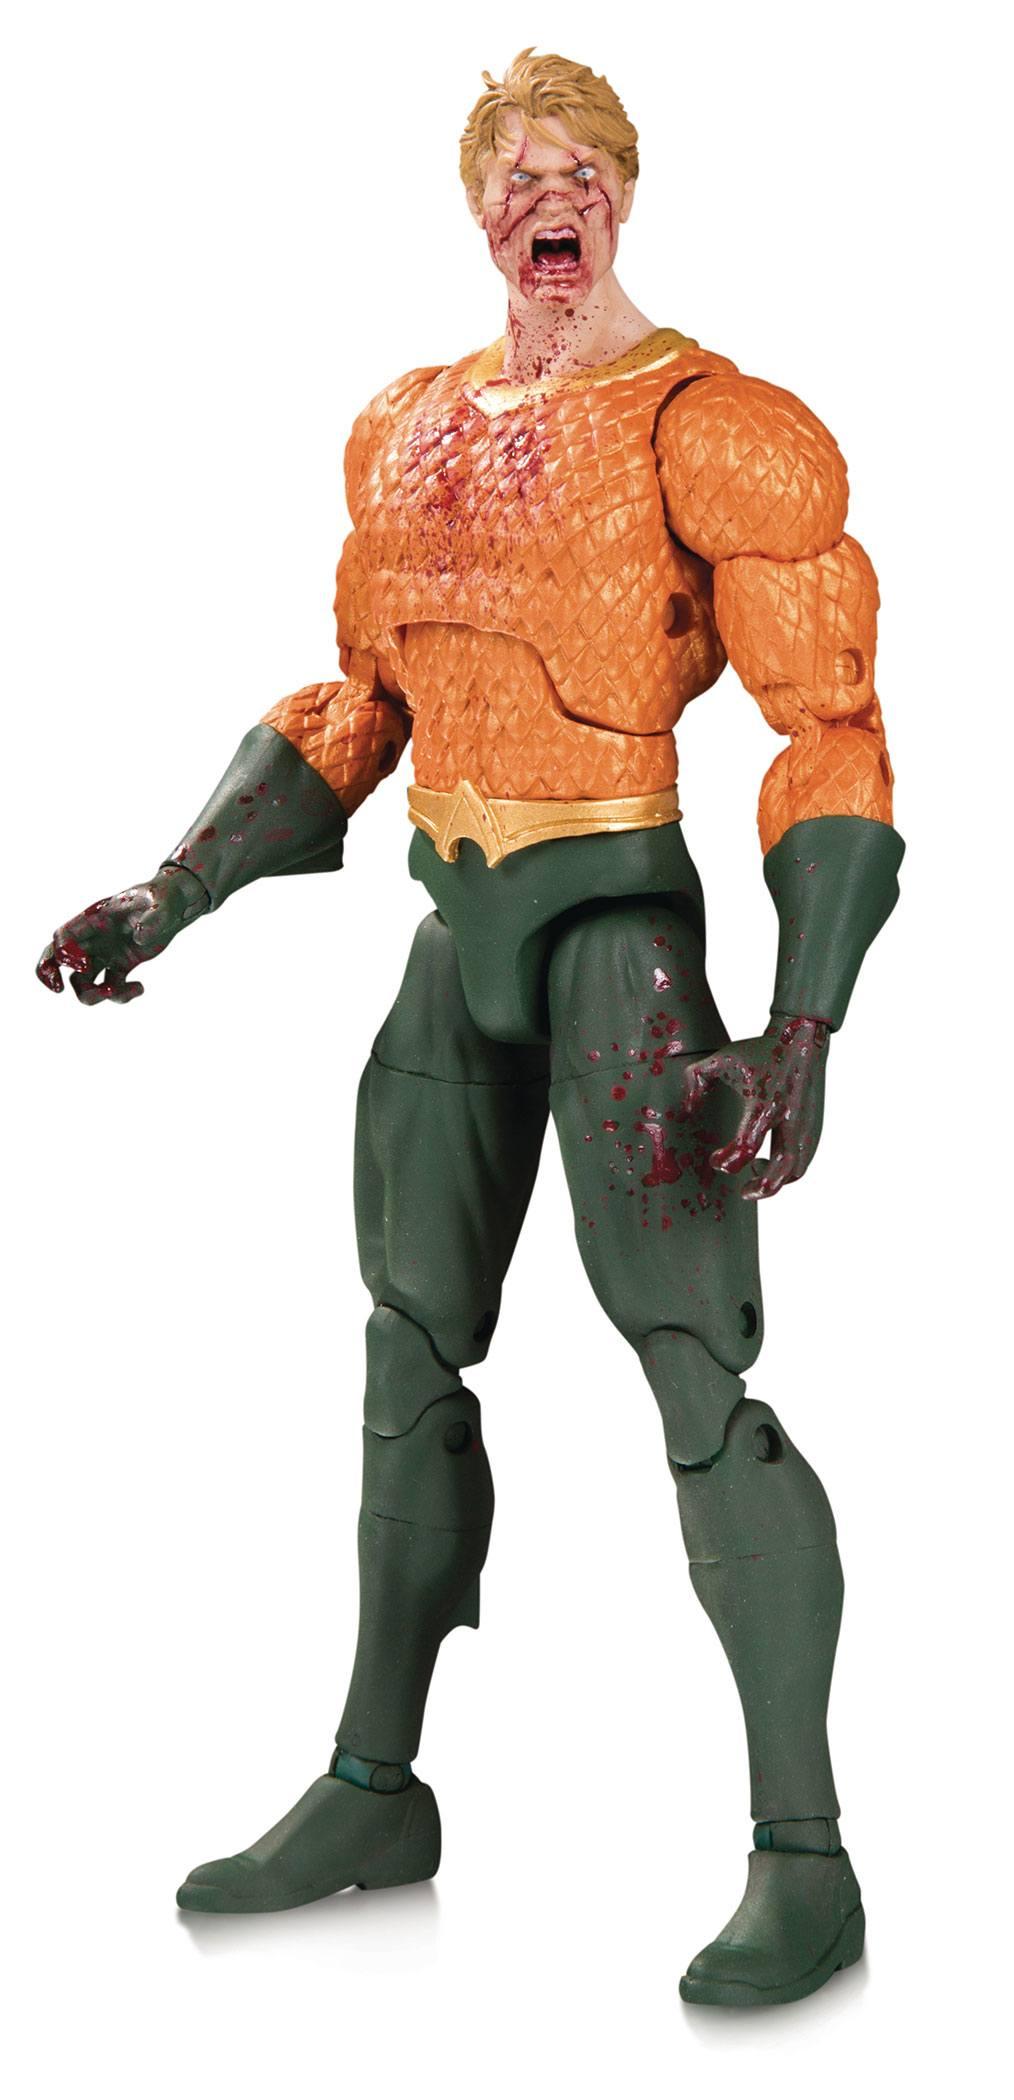 DC Essentials Actionfigur Aquaman (DCeased) 18 cm